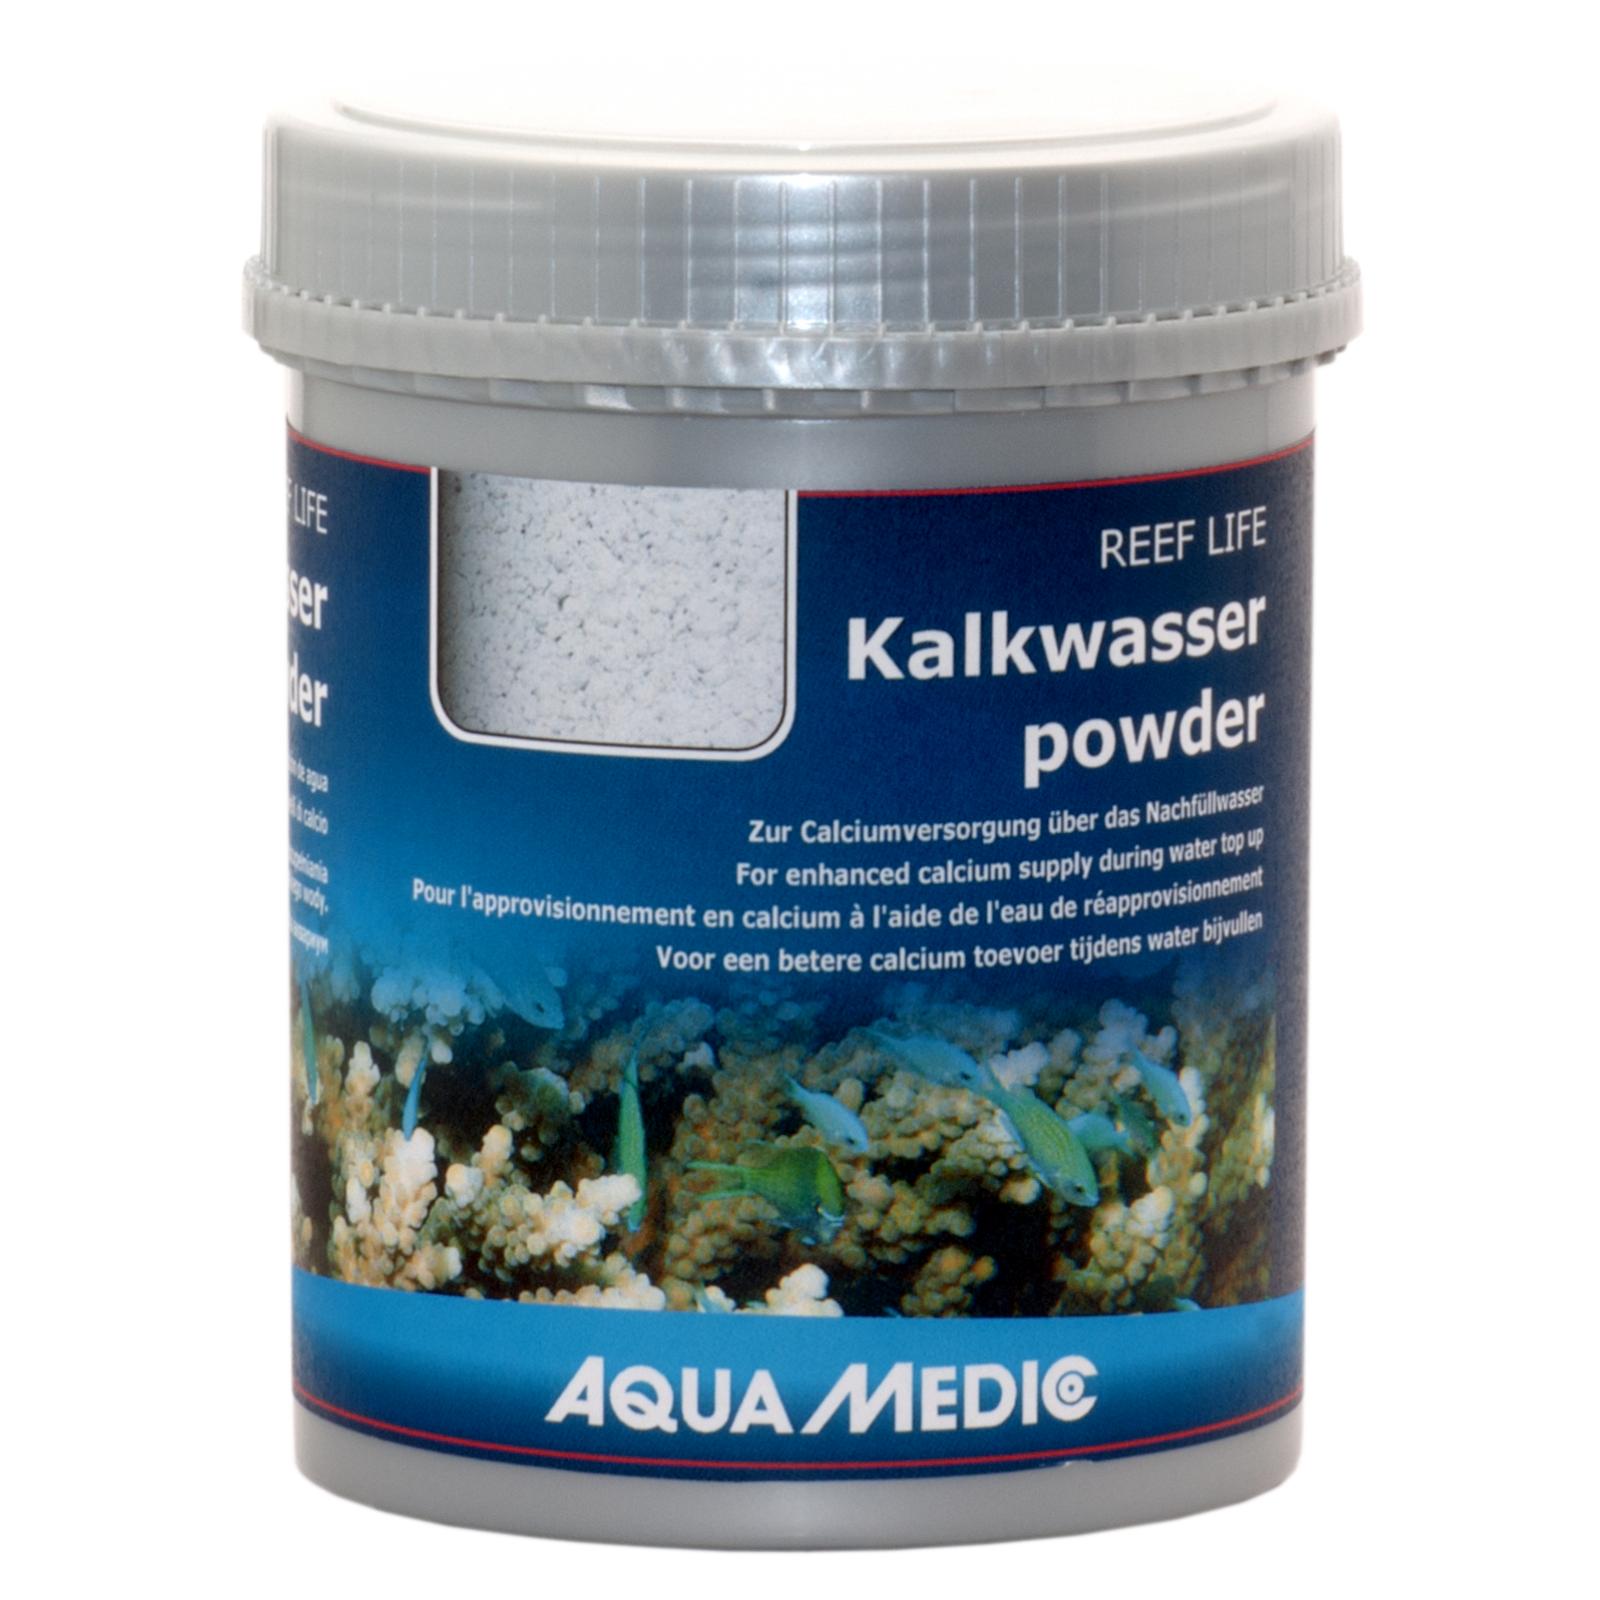 AQUA MEDIC Kalkwasserpowder 350 gr. Hydroxyde de calcium pour préparation d\'eau de chaux